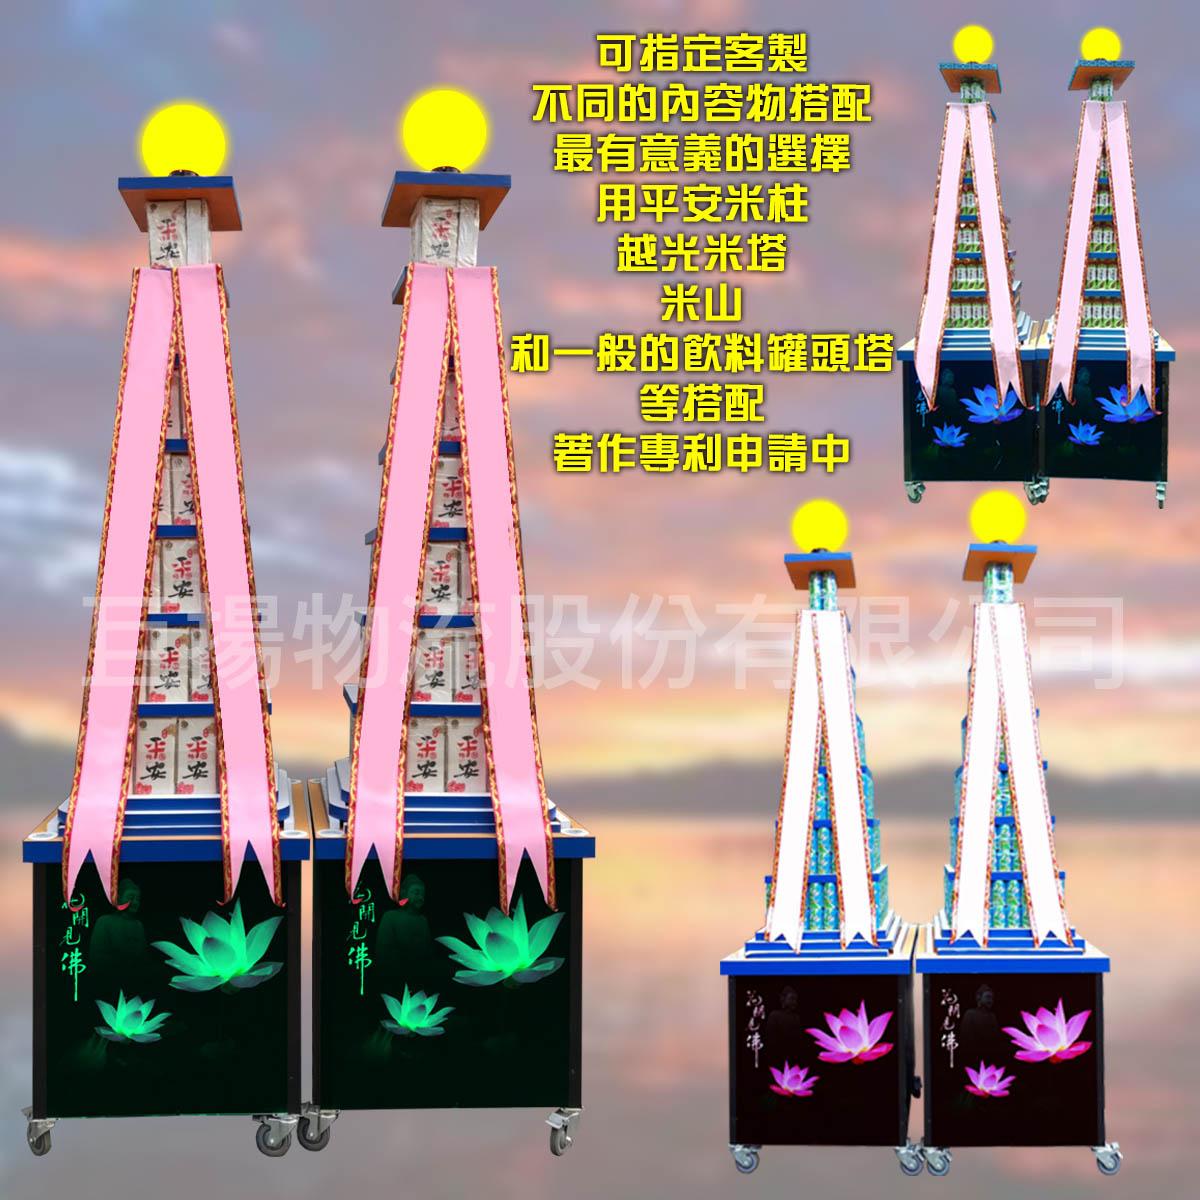 九層一般飲料燈光罐頭山蓮花led燈光柱